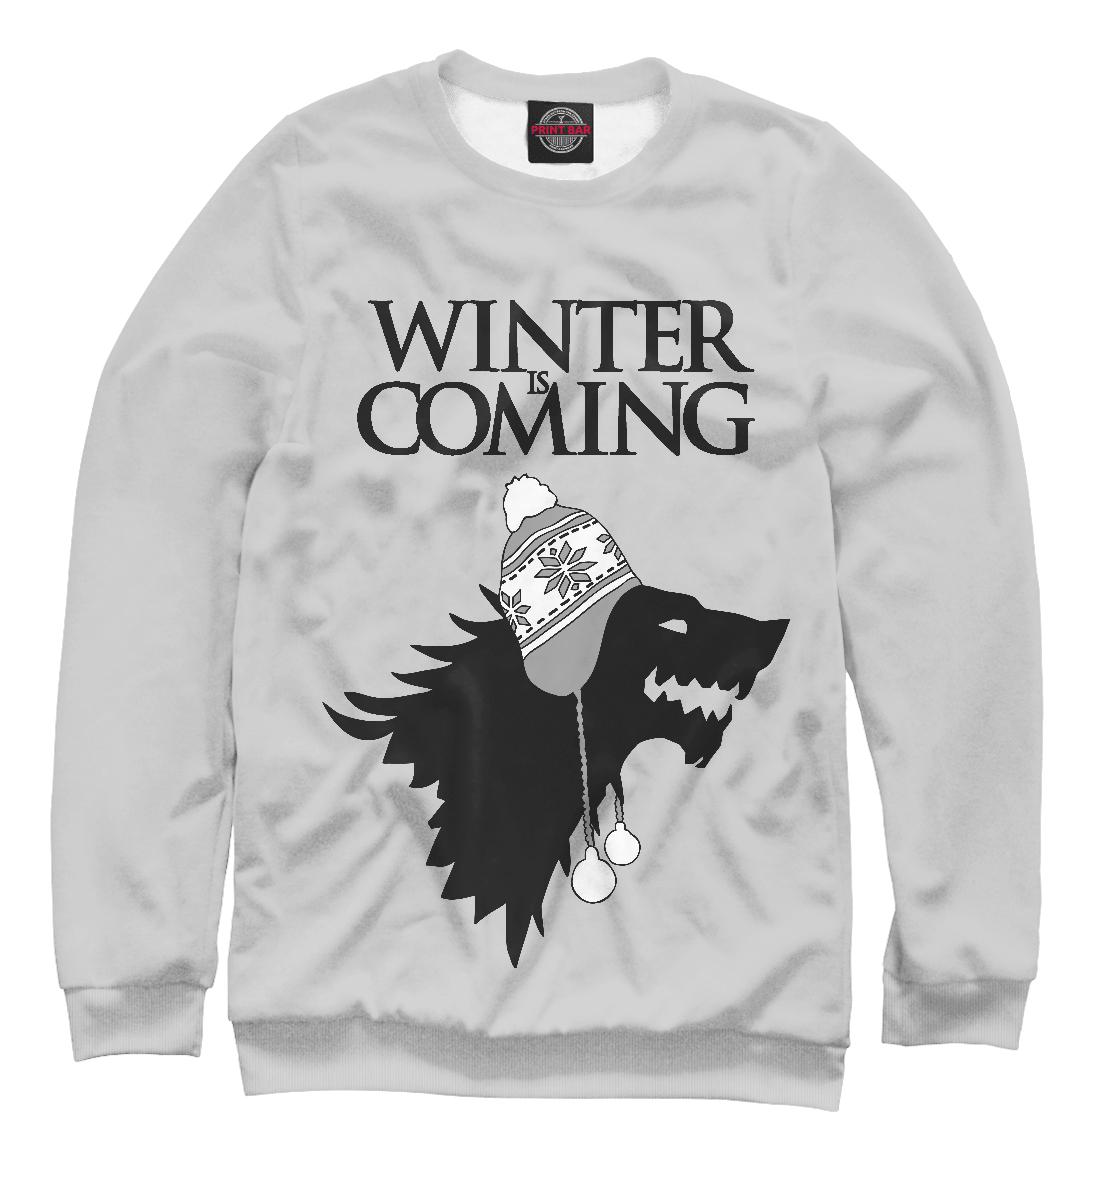 Купить Зима Близко, Printbar, Свитшоты, IGR-546456-swi-2